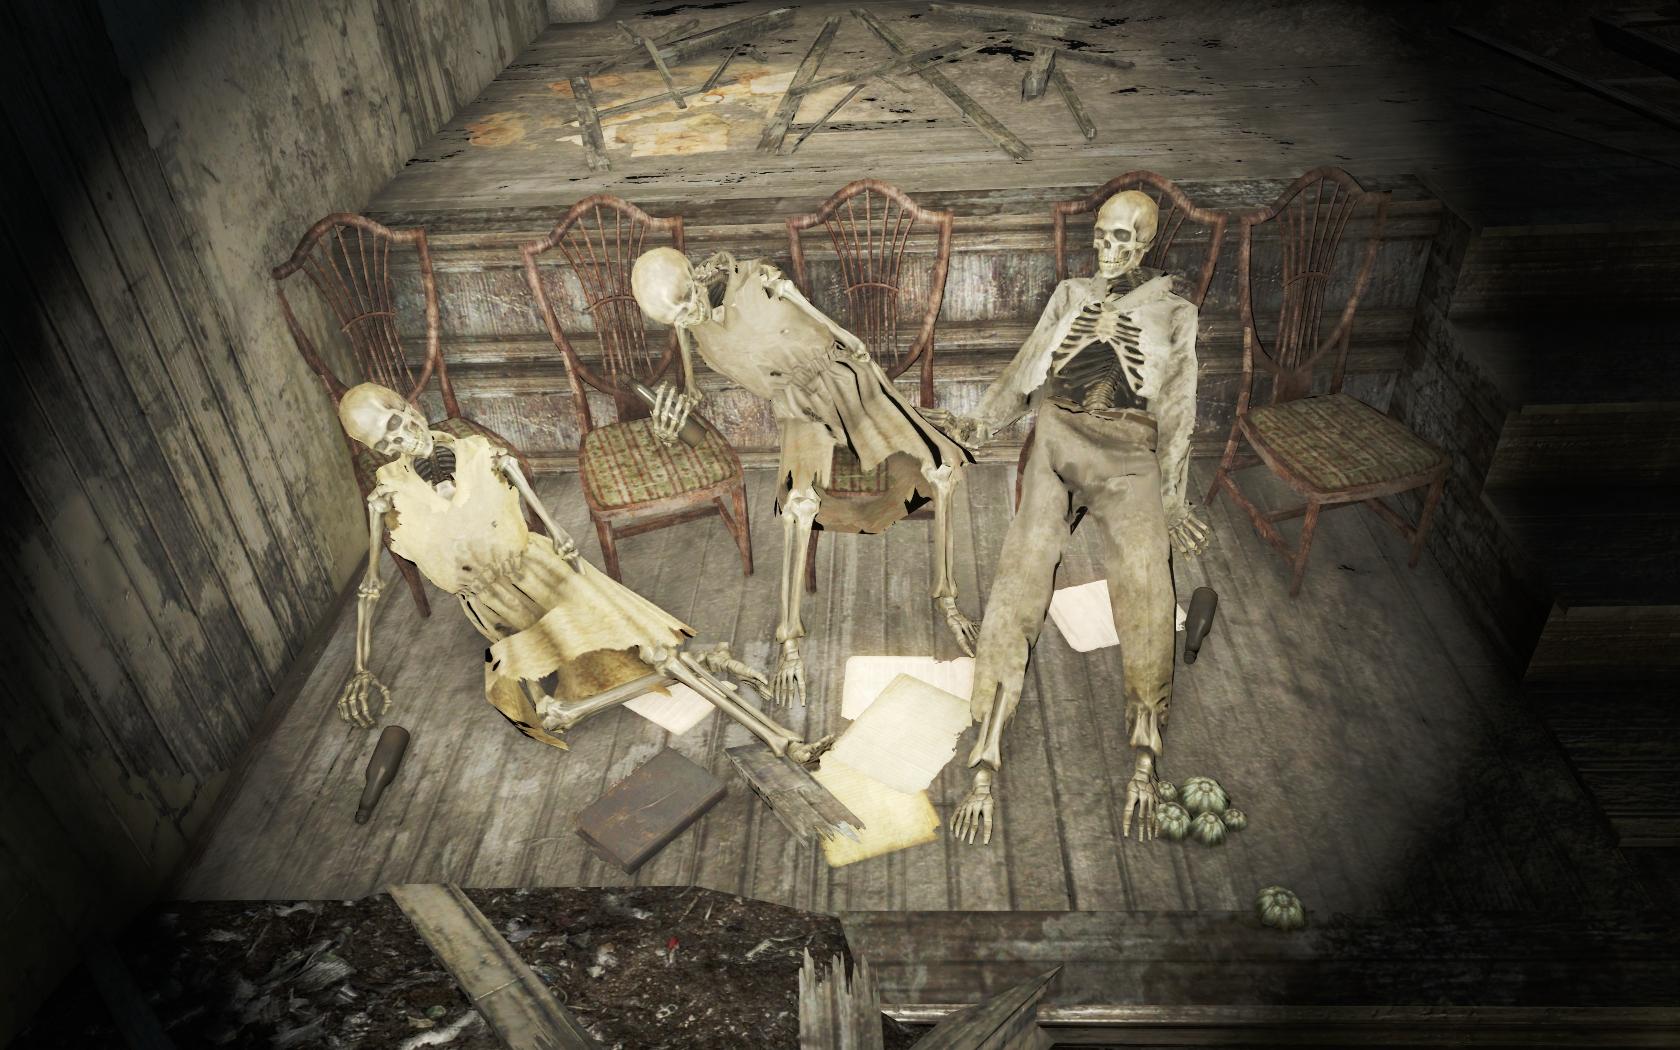 2+1. Самая трезвая должна была пойти домой (Юниверсити-пойнт) - Fallout 4 скелет, Юмор, Юниверсити-пойнт